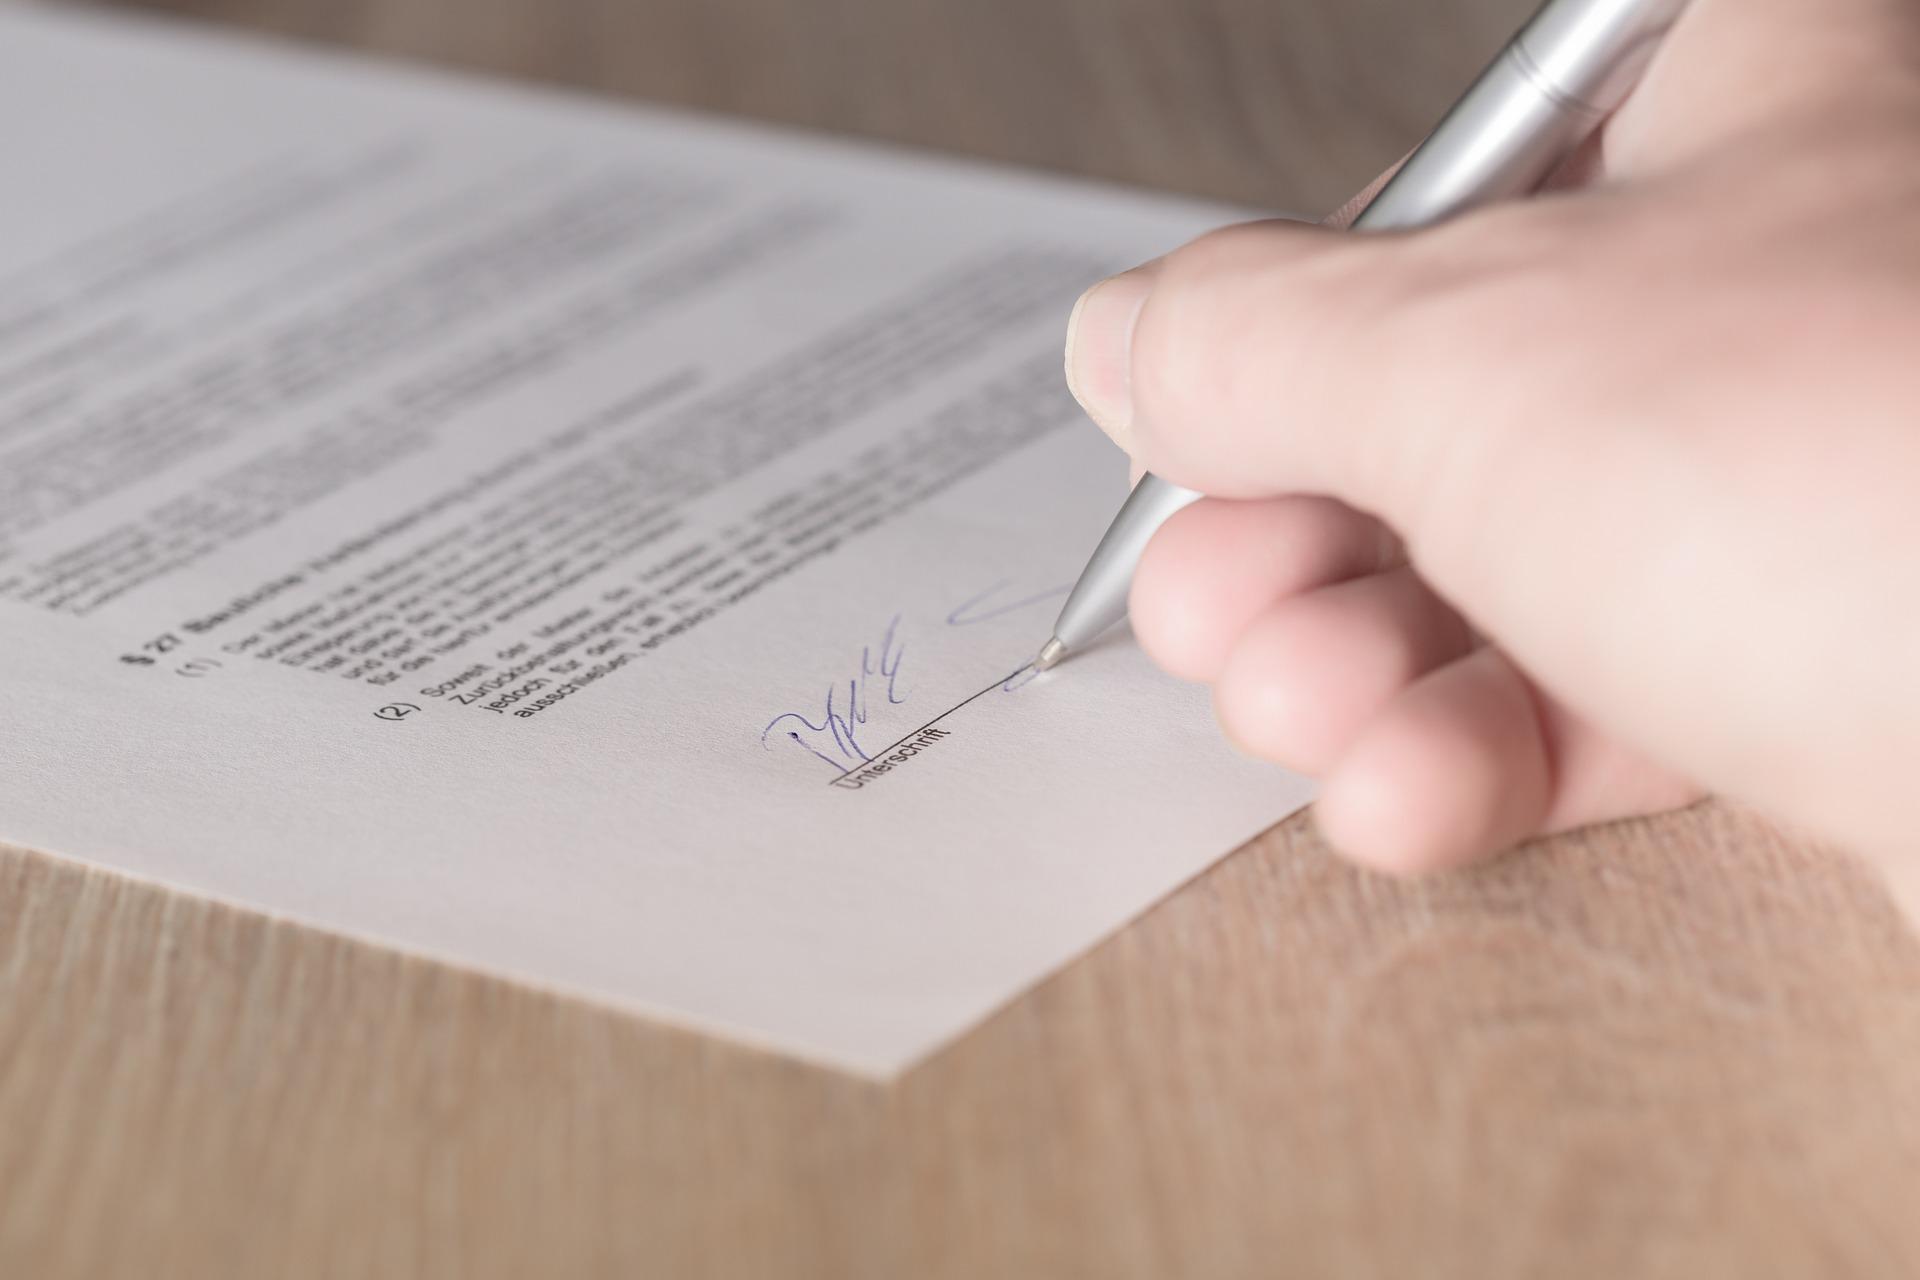 Wypowiedzenie norweskiej umowy o pracę